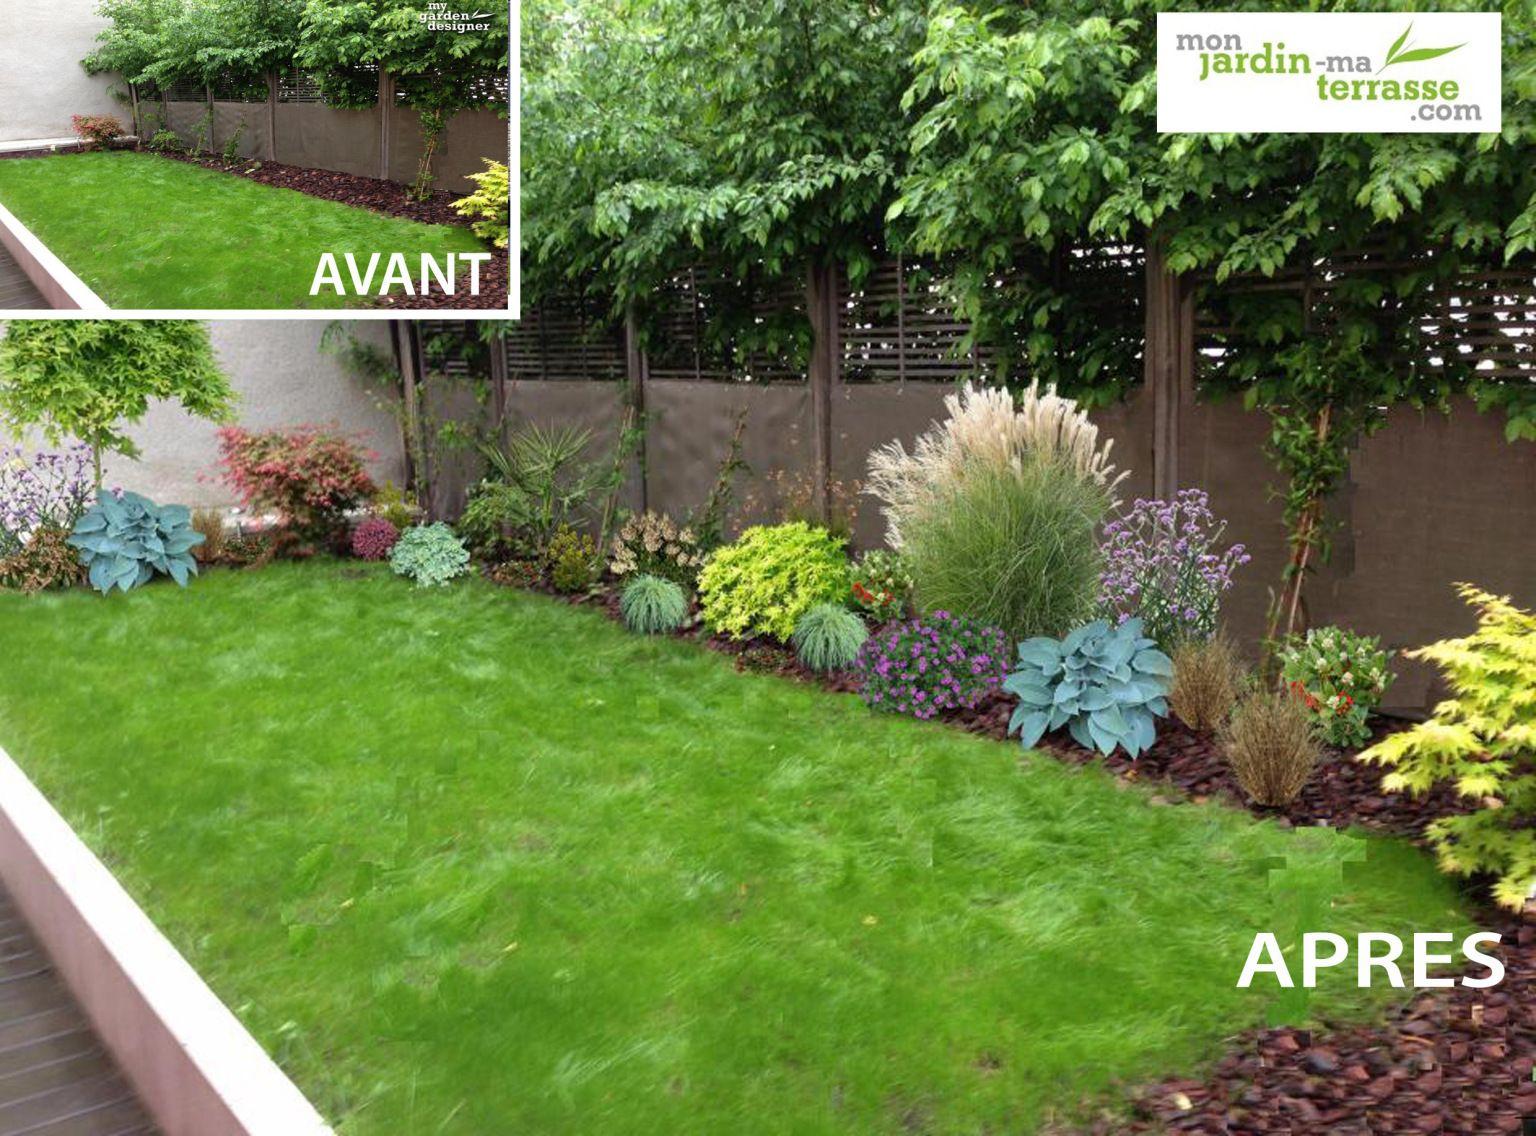 Massif Ombre Mur | Amenagement Jardin, Jardins Et Jardin D'ombre dedans Idee Amenagement Jardin Devant Maison